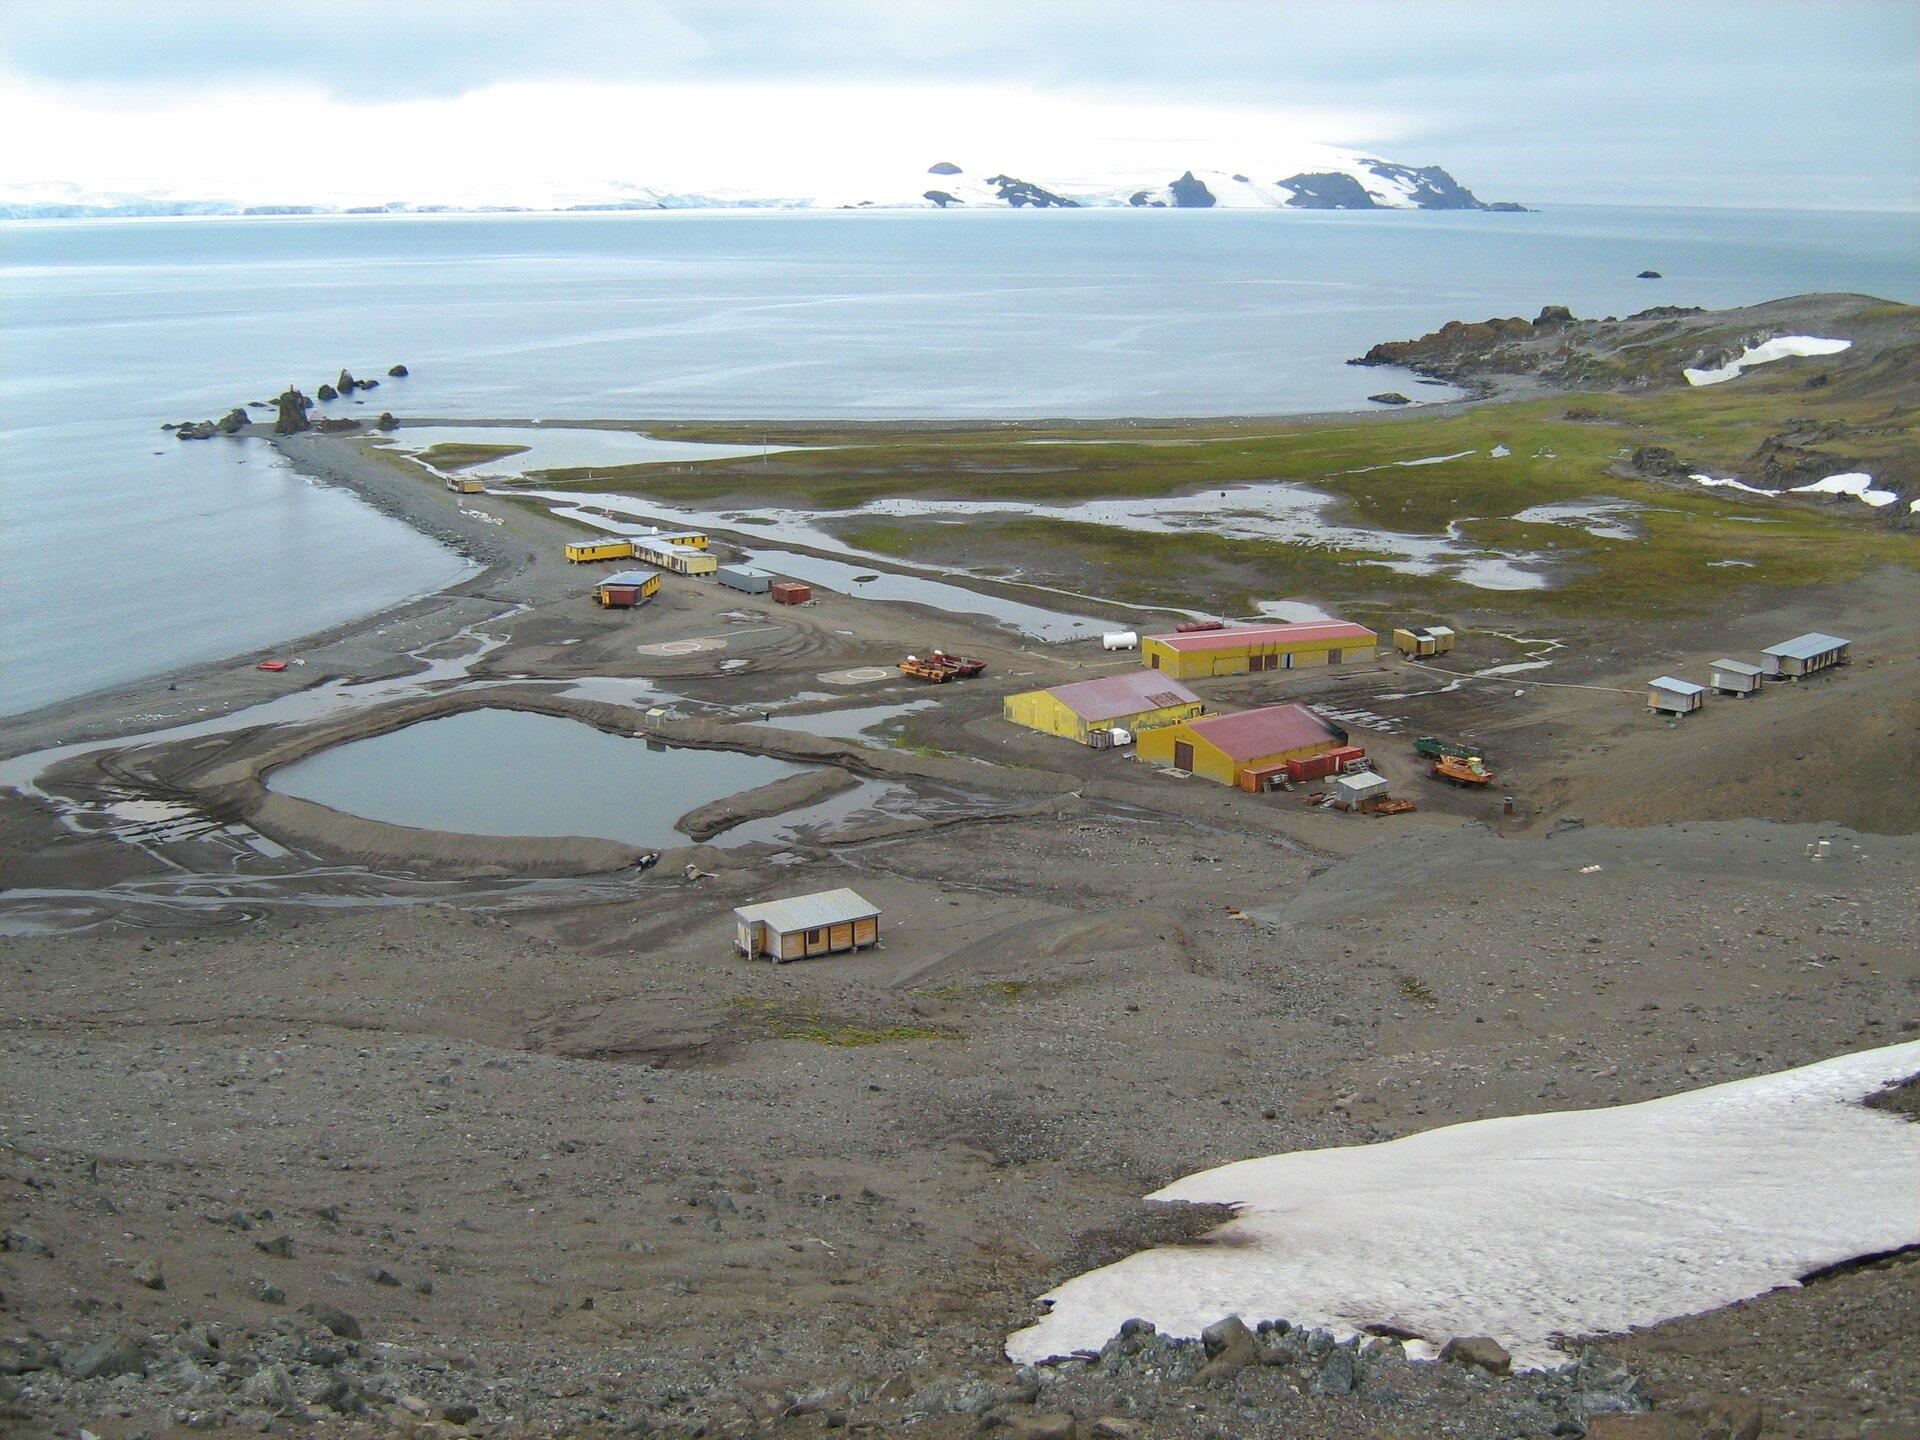 Na zdjęciu kompleks niskich budynków przy brzegu zbiornika wodnego. Teren pofałdowany, żwirowy, skąpa roślinność trawiasta, wzagłębieniach woda. Wtle na drugim brzegu ośnieżone góry.